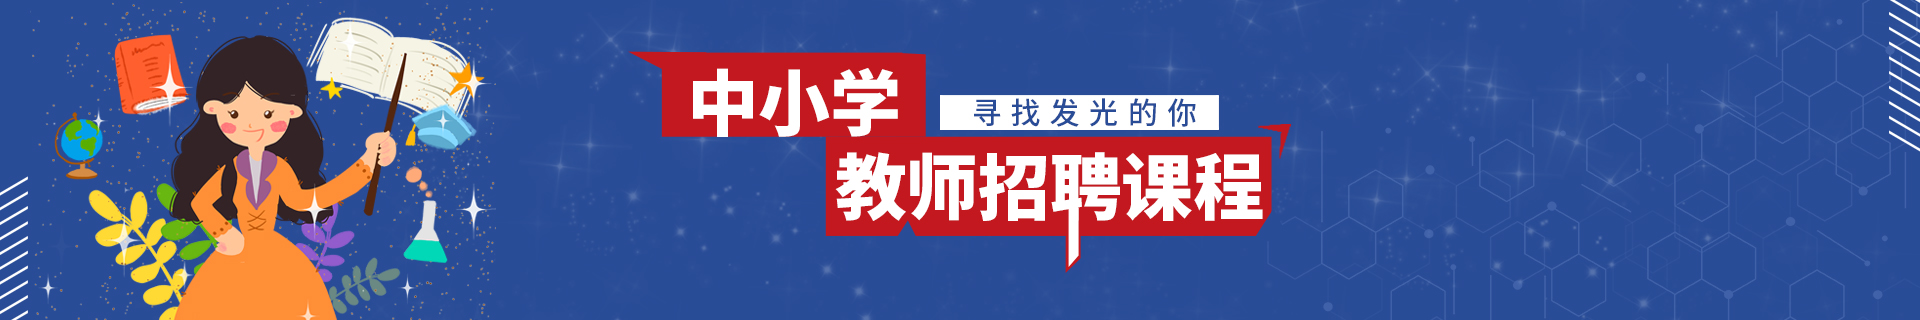 广州天河区敏试教育机构